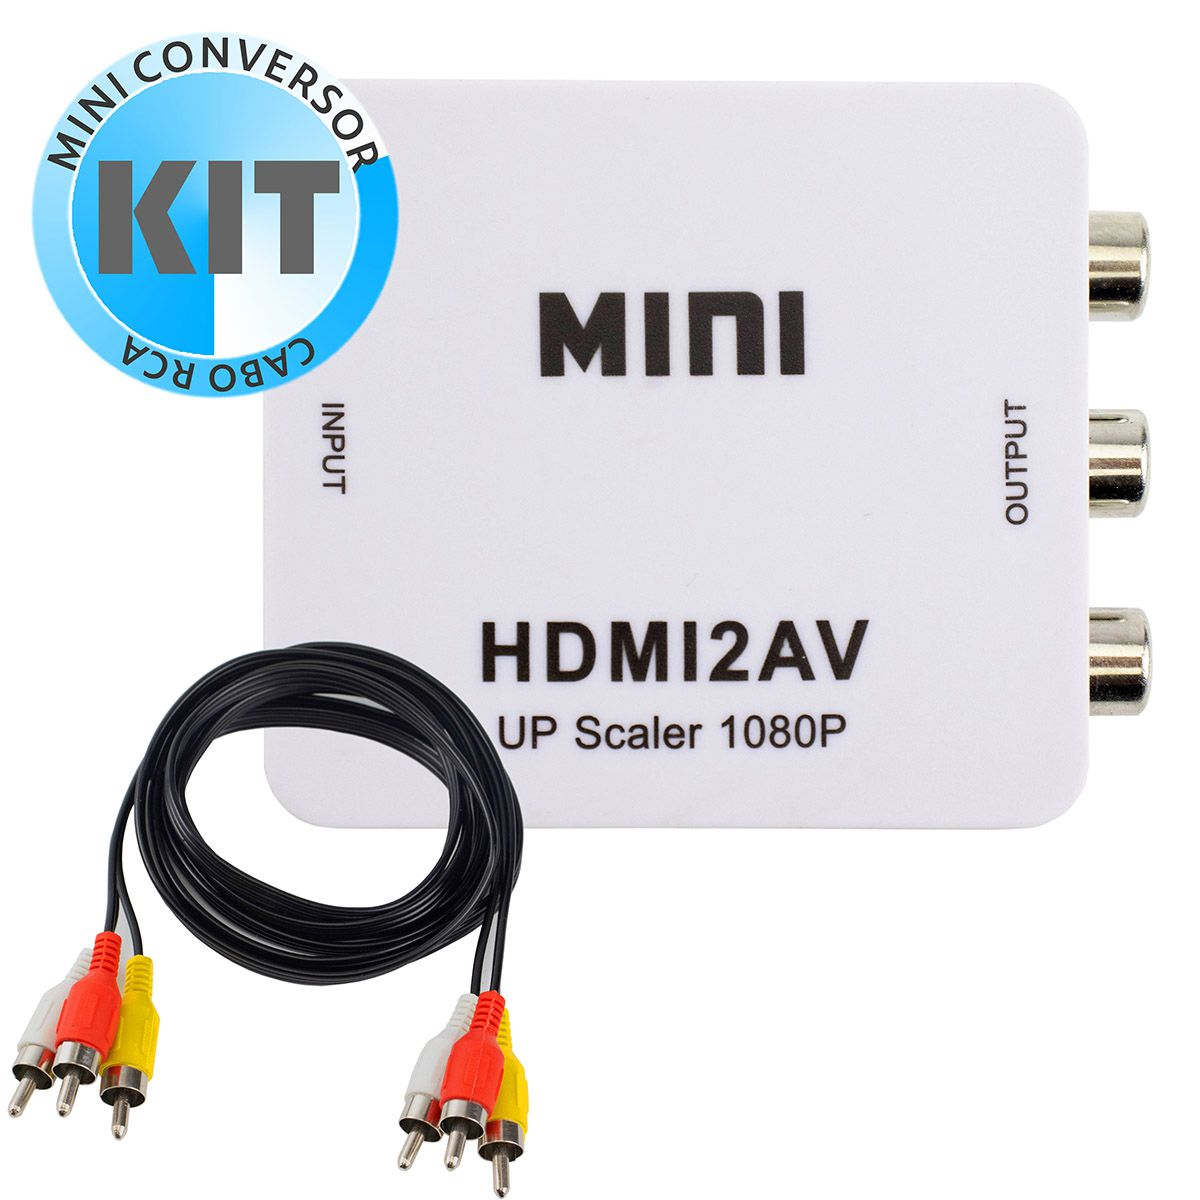 KIT Conversor Hdmi para AV Rca HDMI2AV + Cabo AV RCA